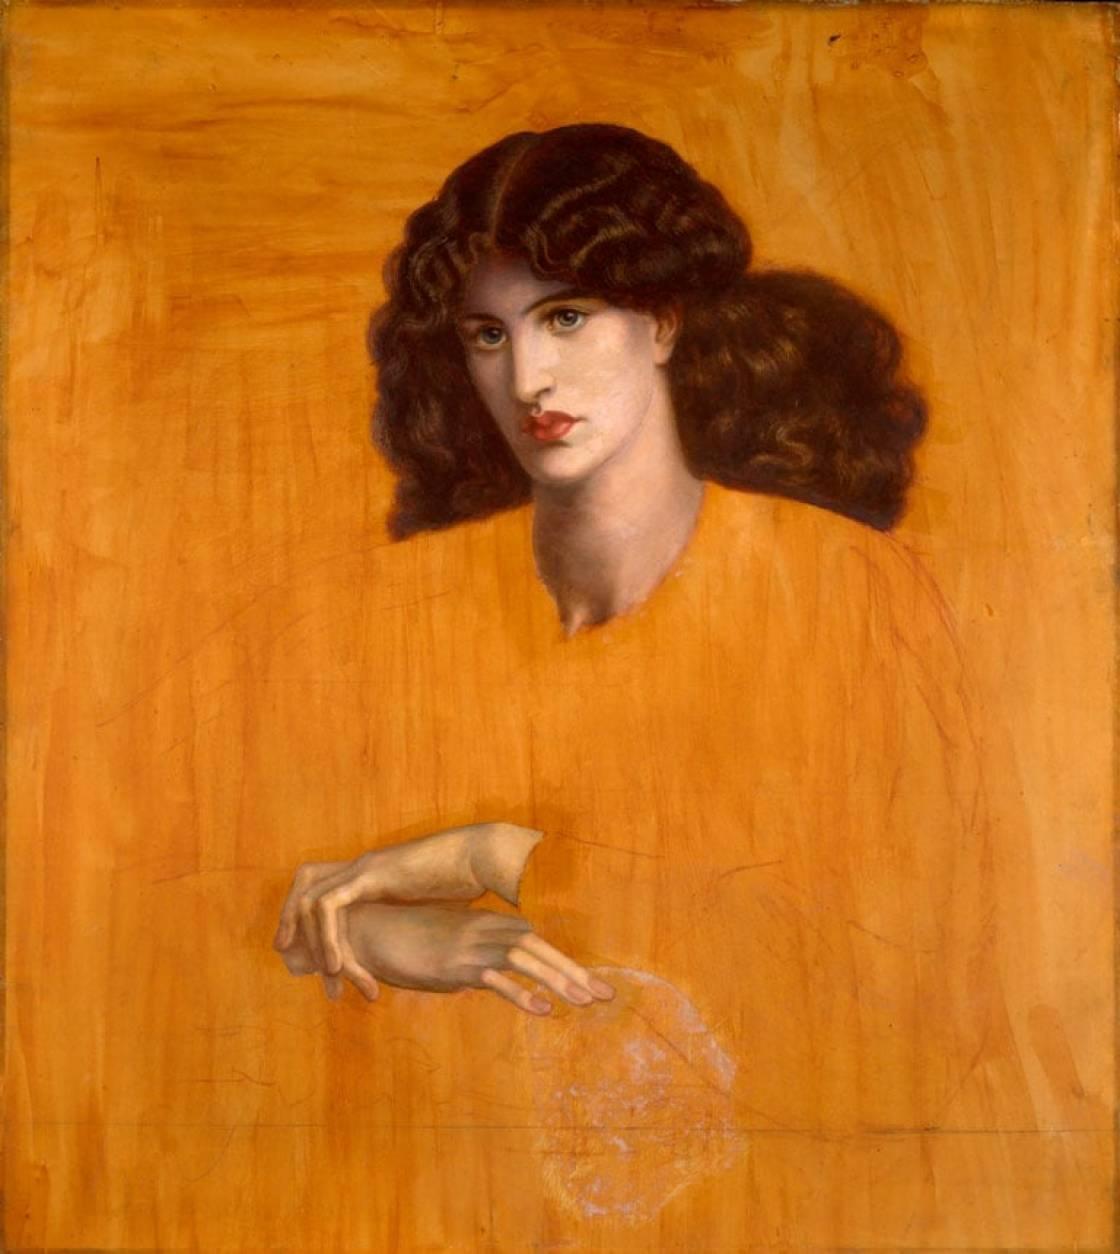 Dante_Gabriel_Rossetti_-_La_Donna_Della_Finestra_(The_Lady_of_Pity)_-_Google_Art_Project.jpg